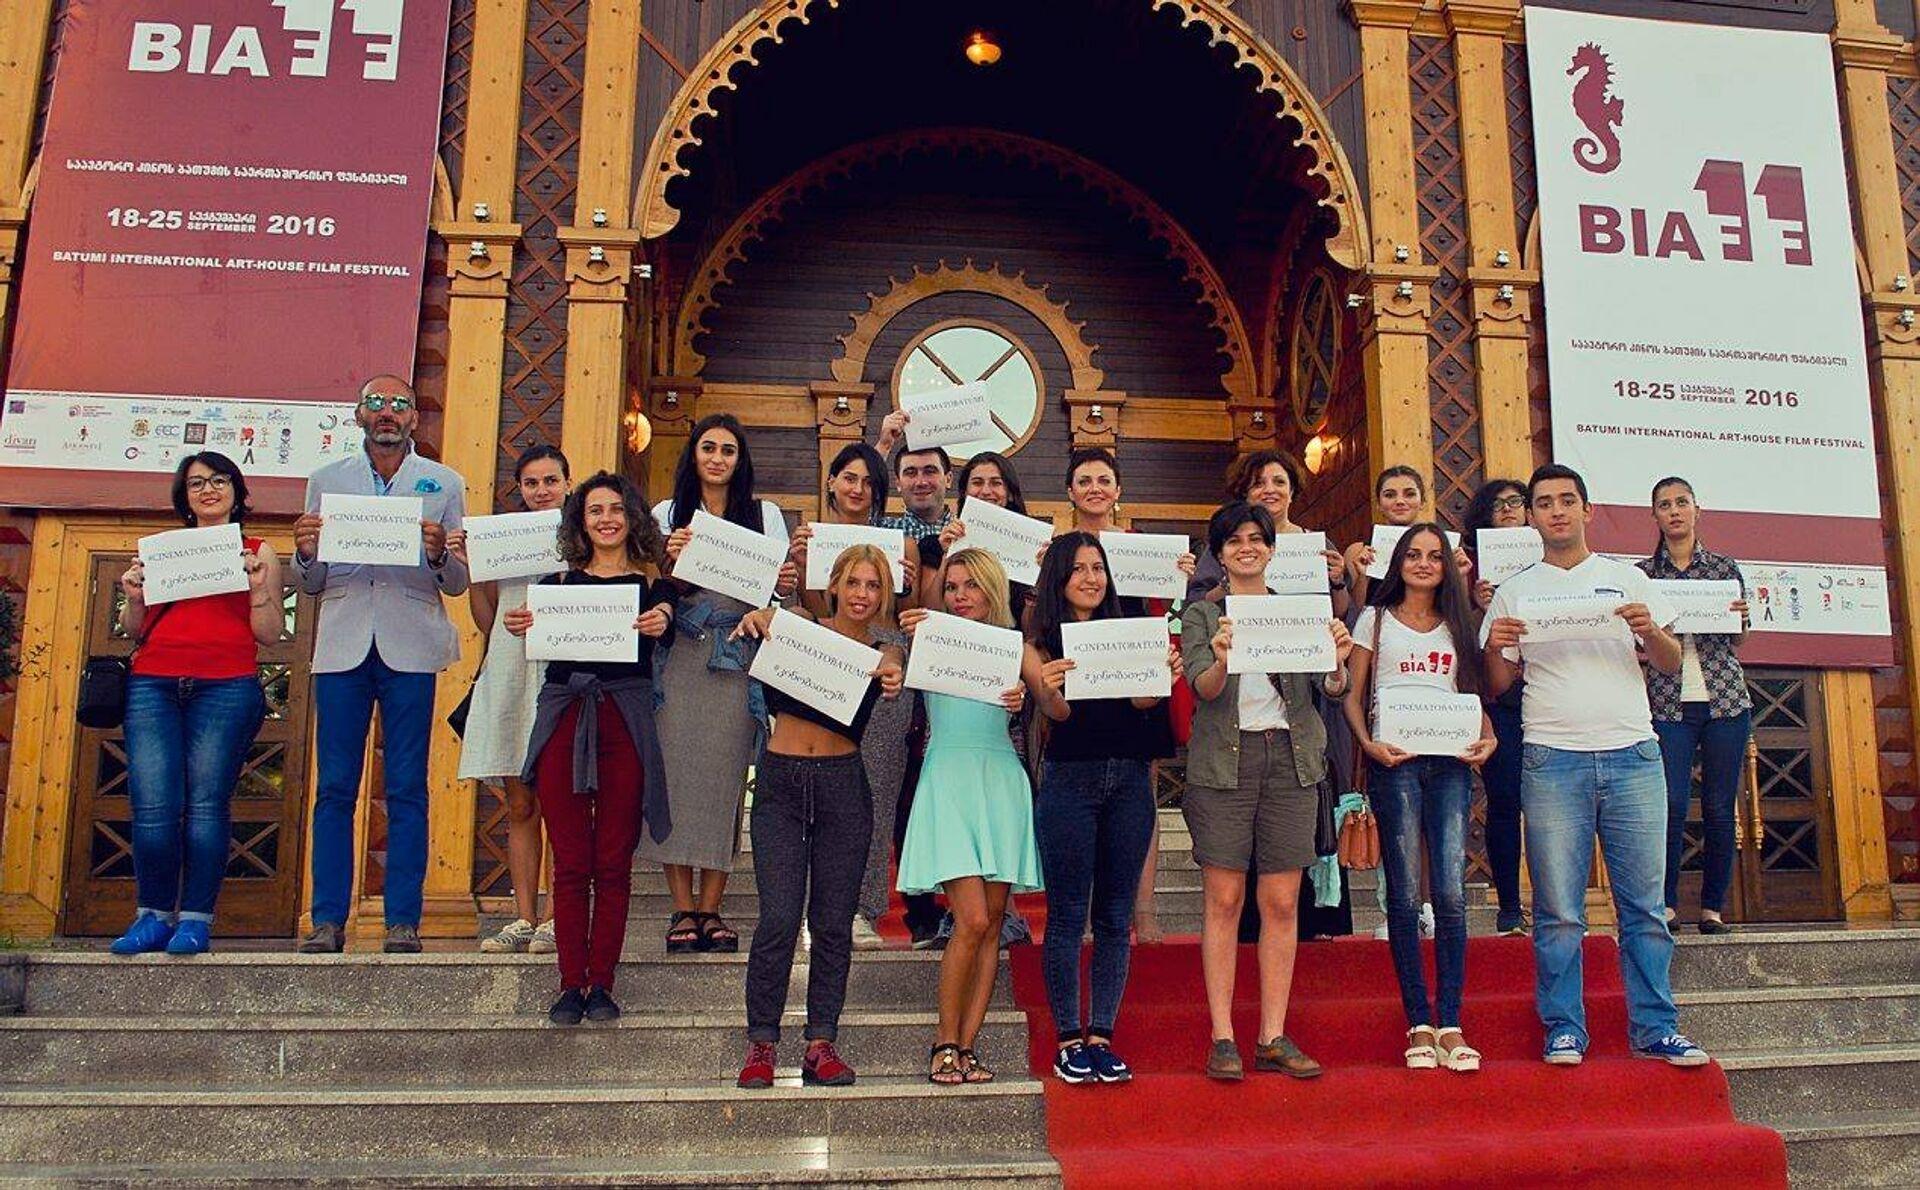 Батумский фестиваль авторского кино BIAFF. Участники фотографируются на память - Sputnik Грузия, 1920, 16.09.2021